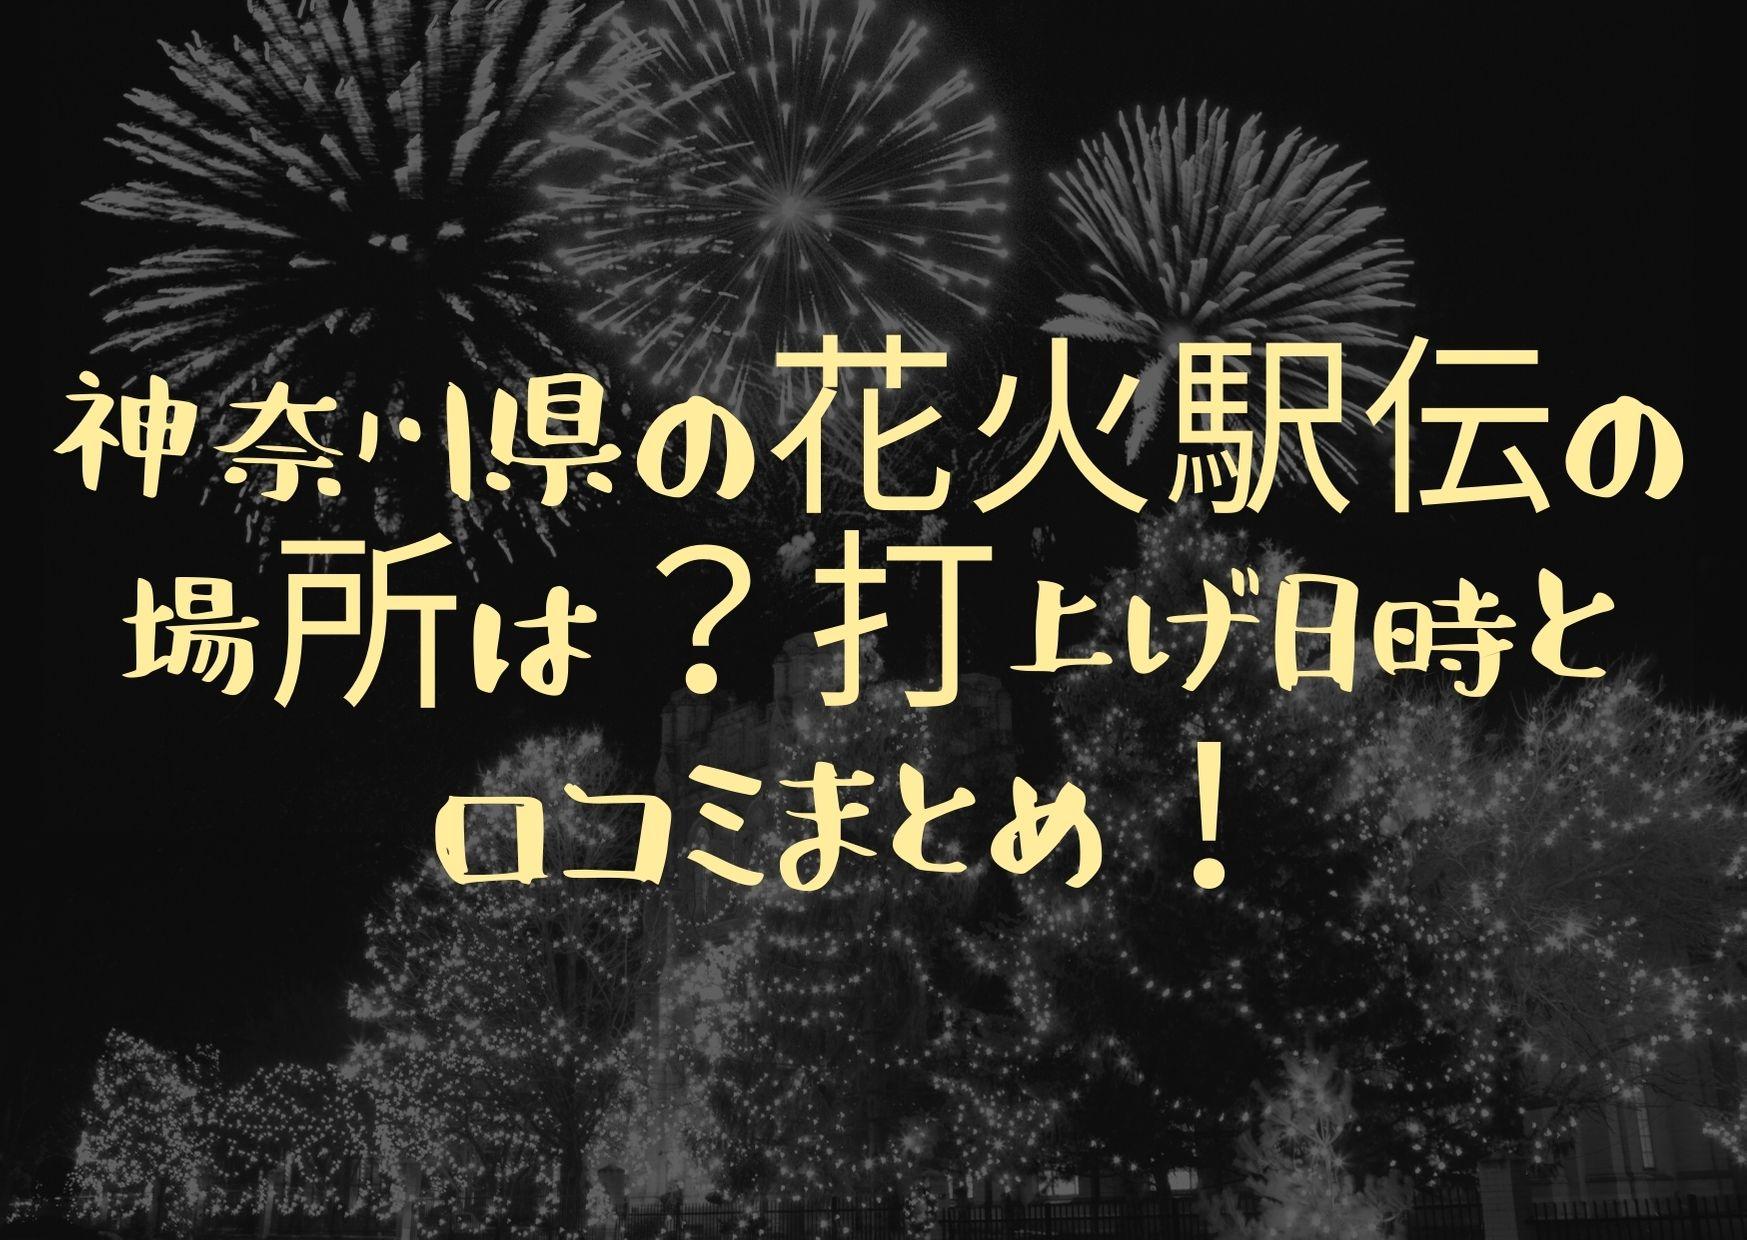 神奈川県 花火駅伝